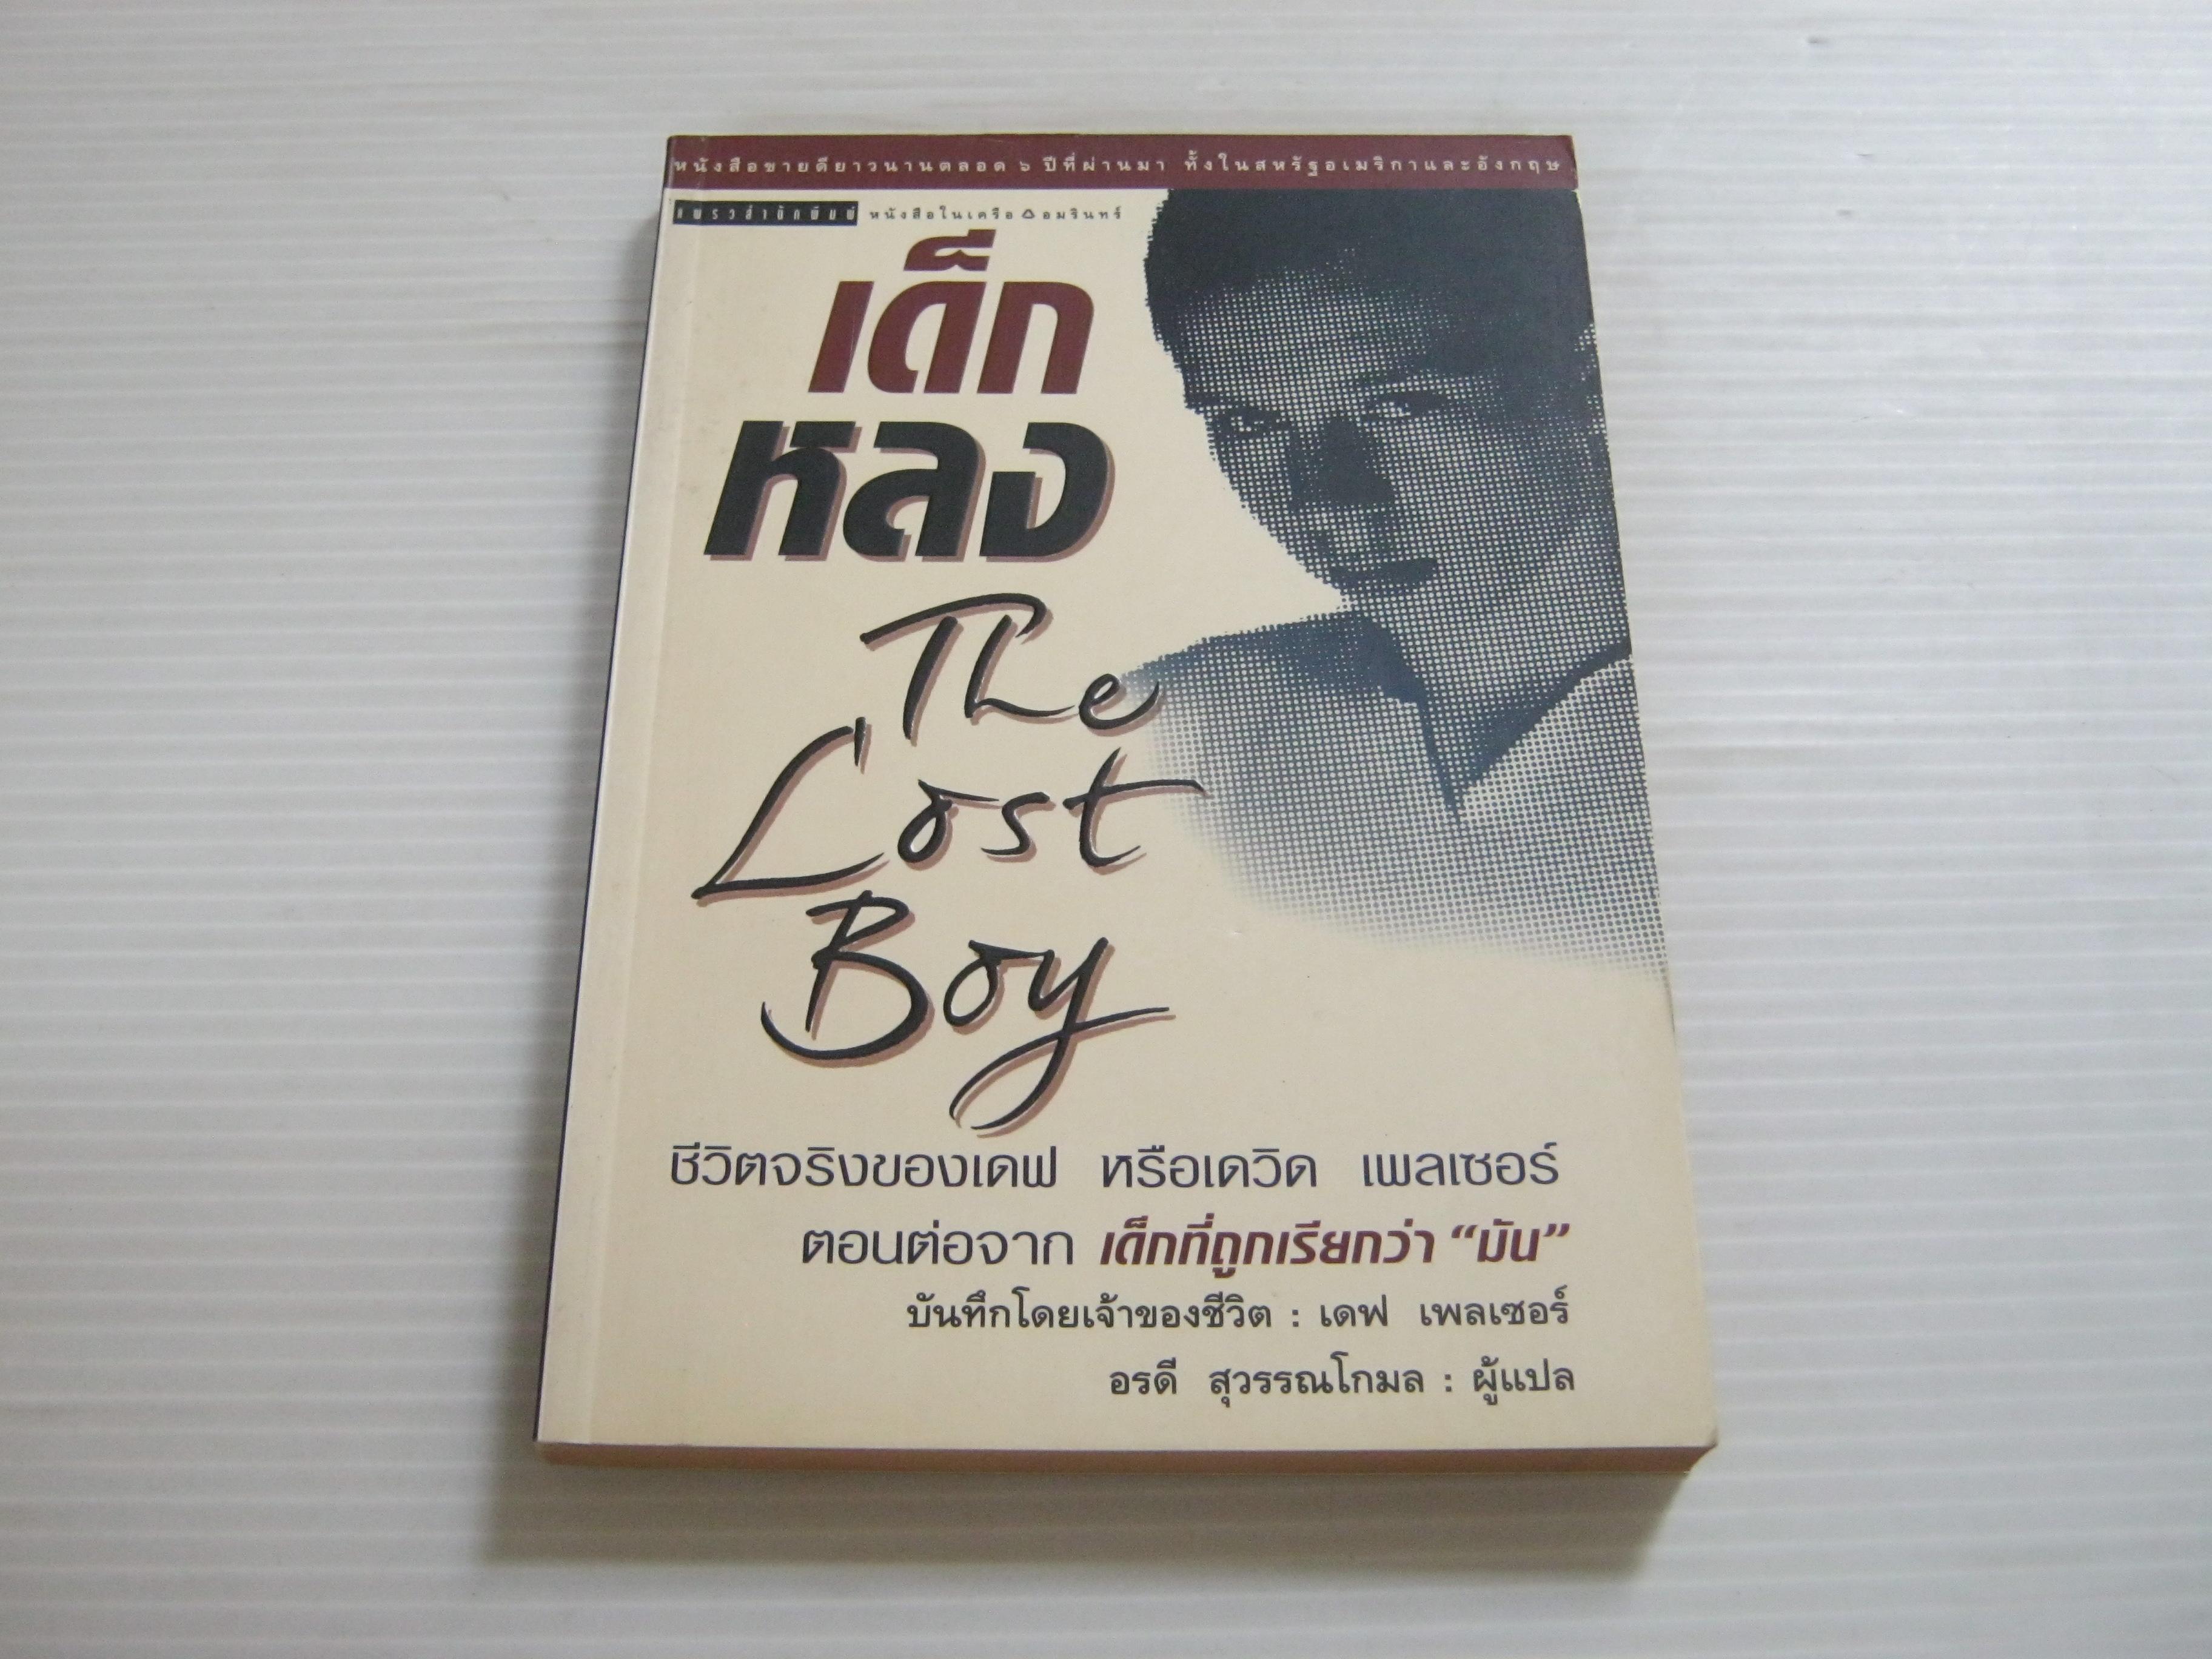 เด็กหลงทาง (The Lost Boy) เดฟ เพลเซอร์ เขียน อรดี สุวรรณโกมล แปล